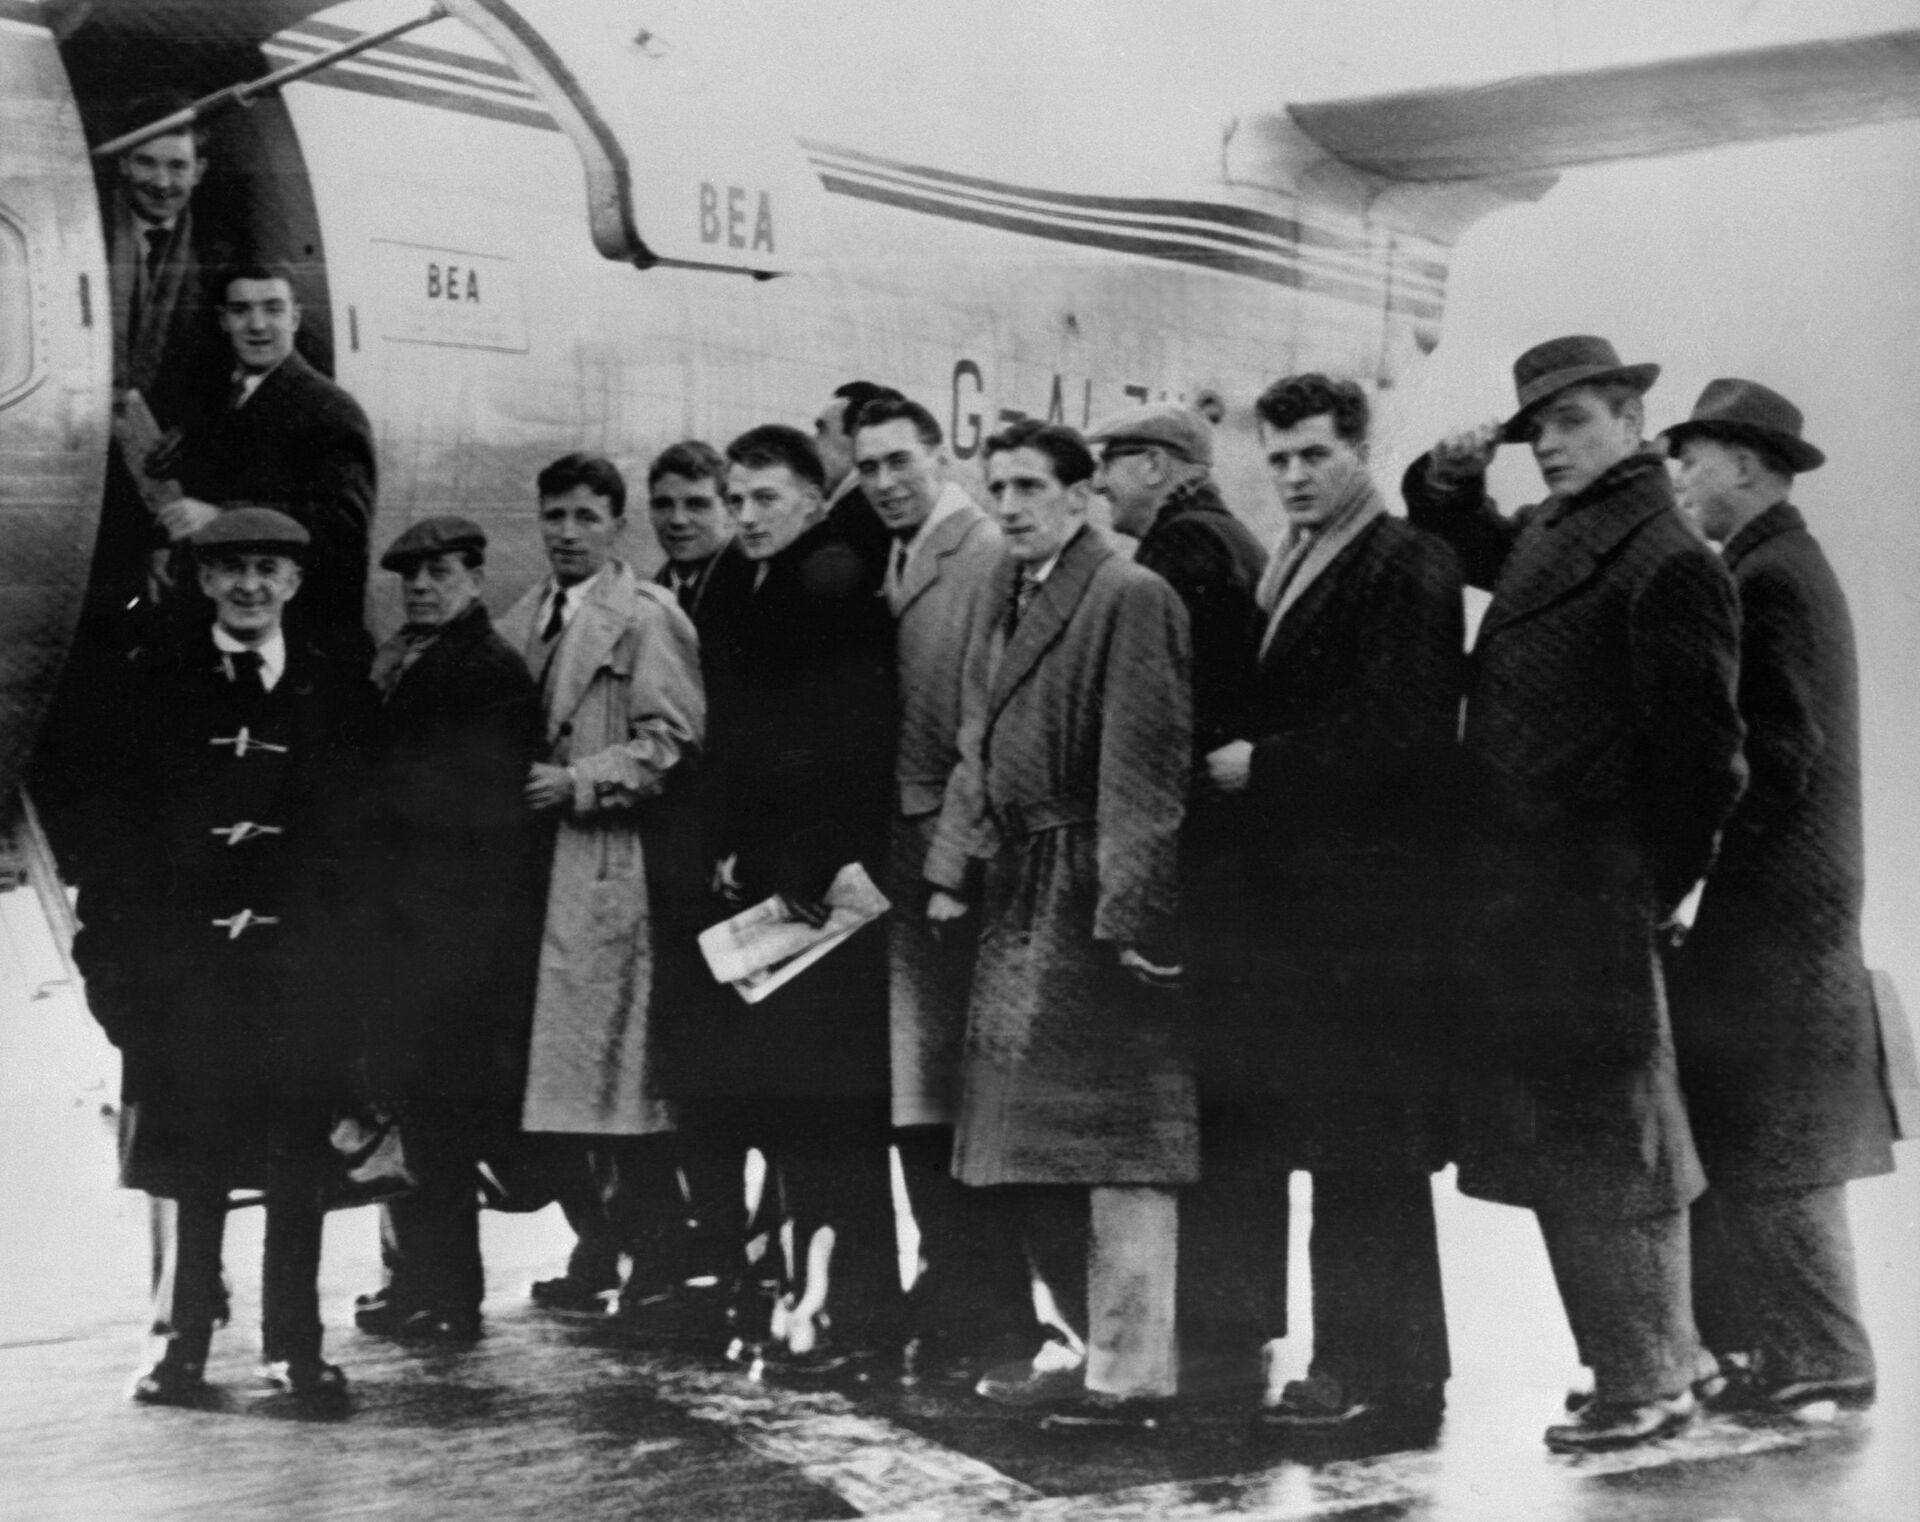 Футболисты Манчестер Юнайтед, персонал клуба и журналисты перед посадкой в самолёт в аэропорту Манчестера на матч с Црвеной Звездой - РИА Новости, 1920, 06.02.2020